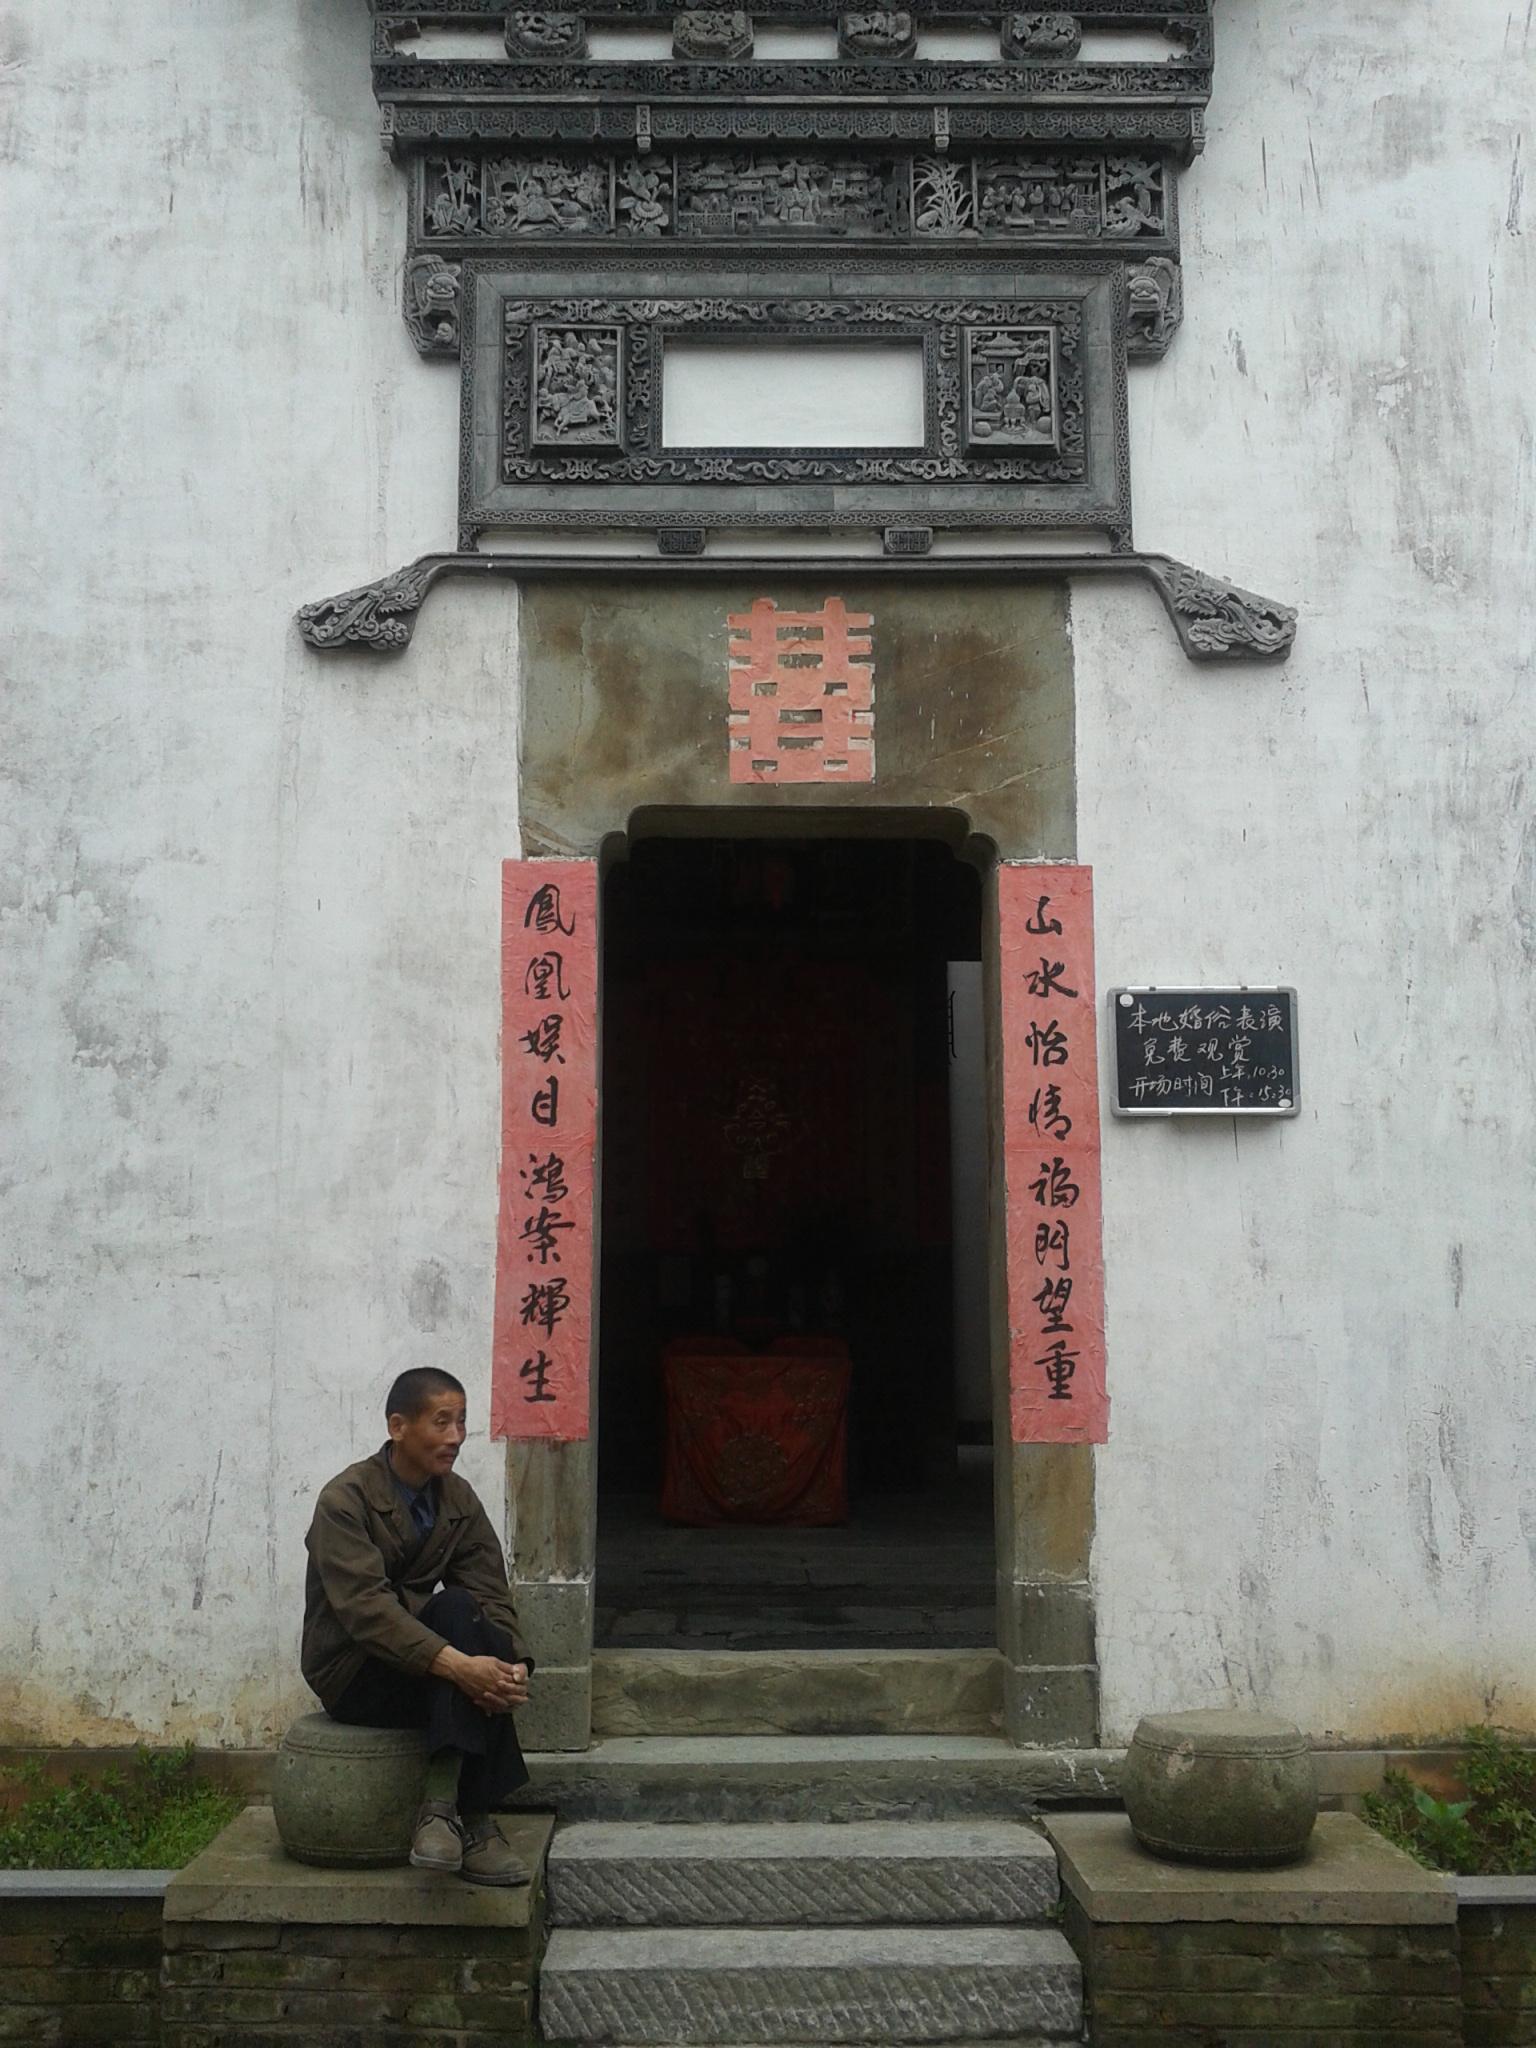 Esküvői papír kapudíszek - Wuyuan (婺源)